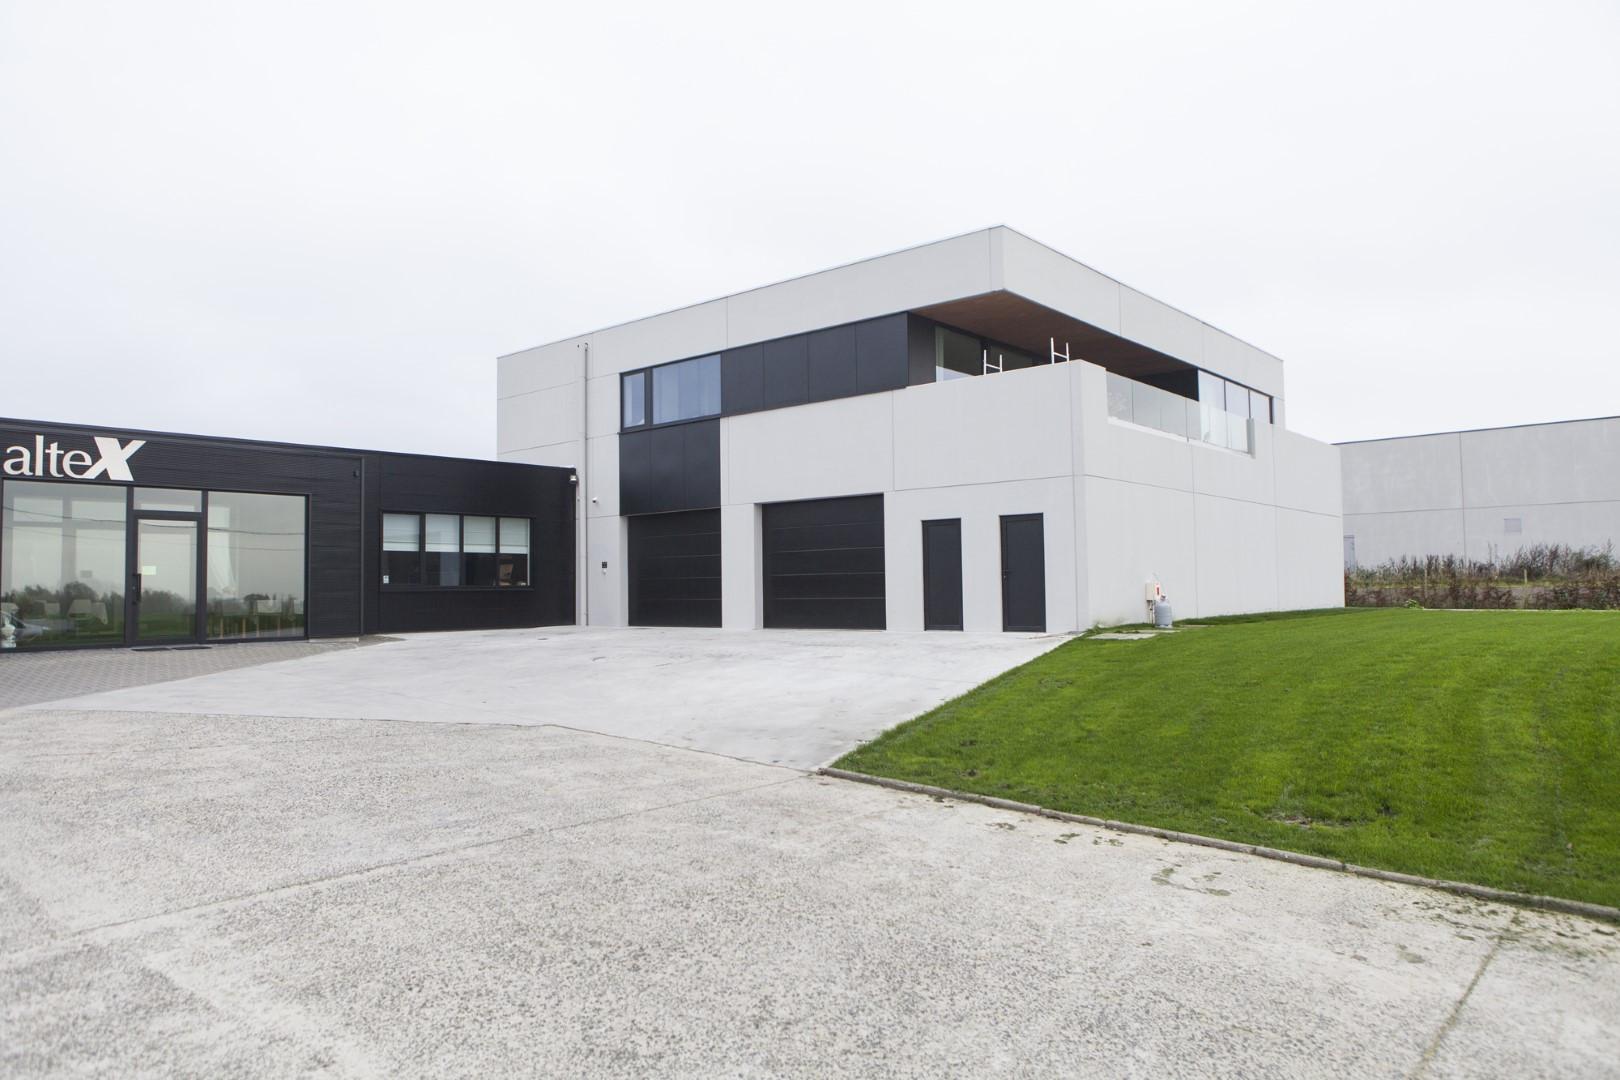 Altex_Sint Eloois Winkel_industriegebouw_werkplaats_atelier_toonzaal_burelen_woning (17)